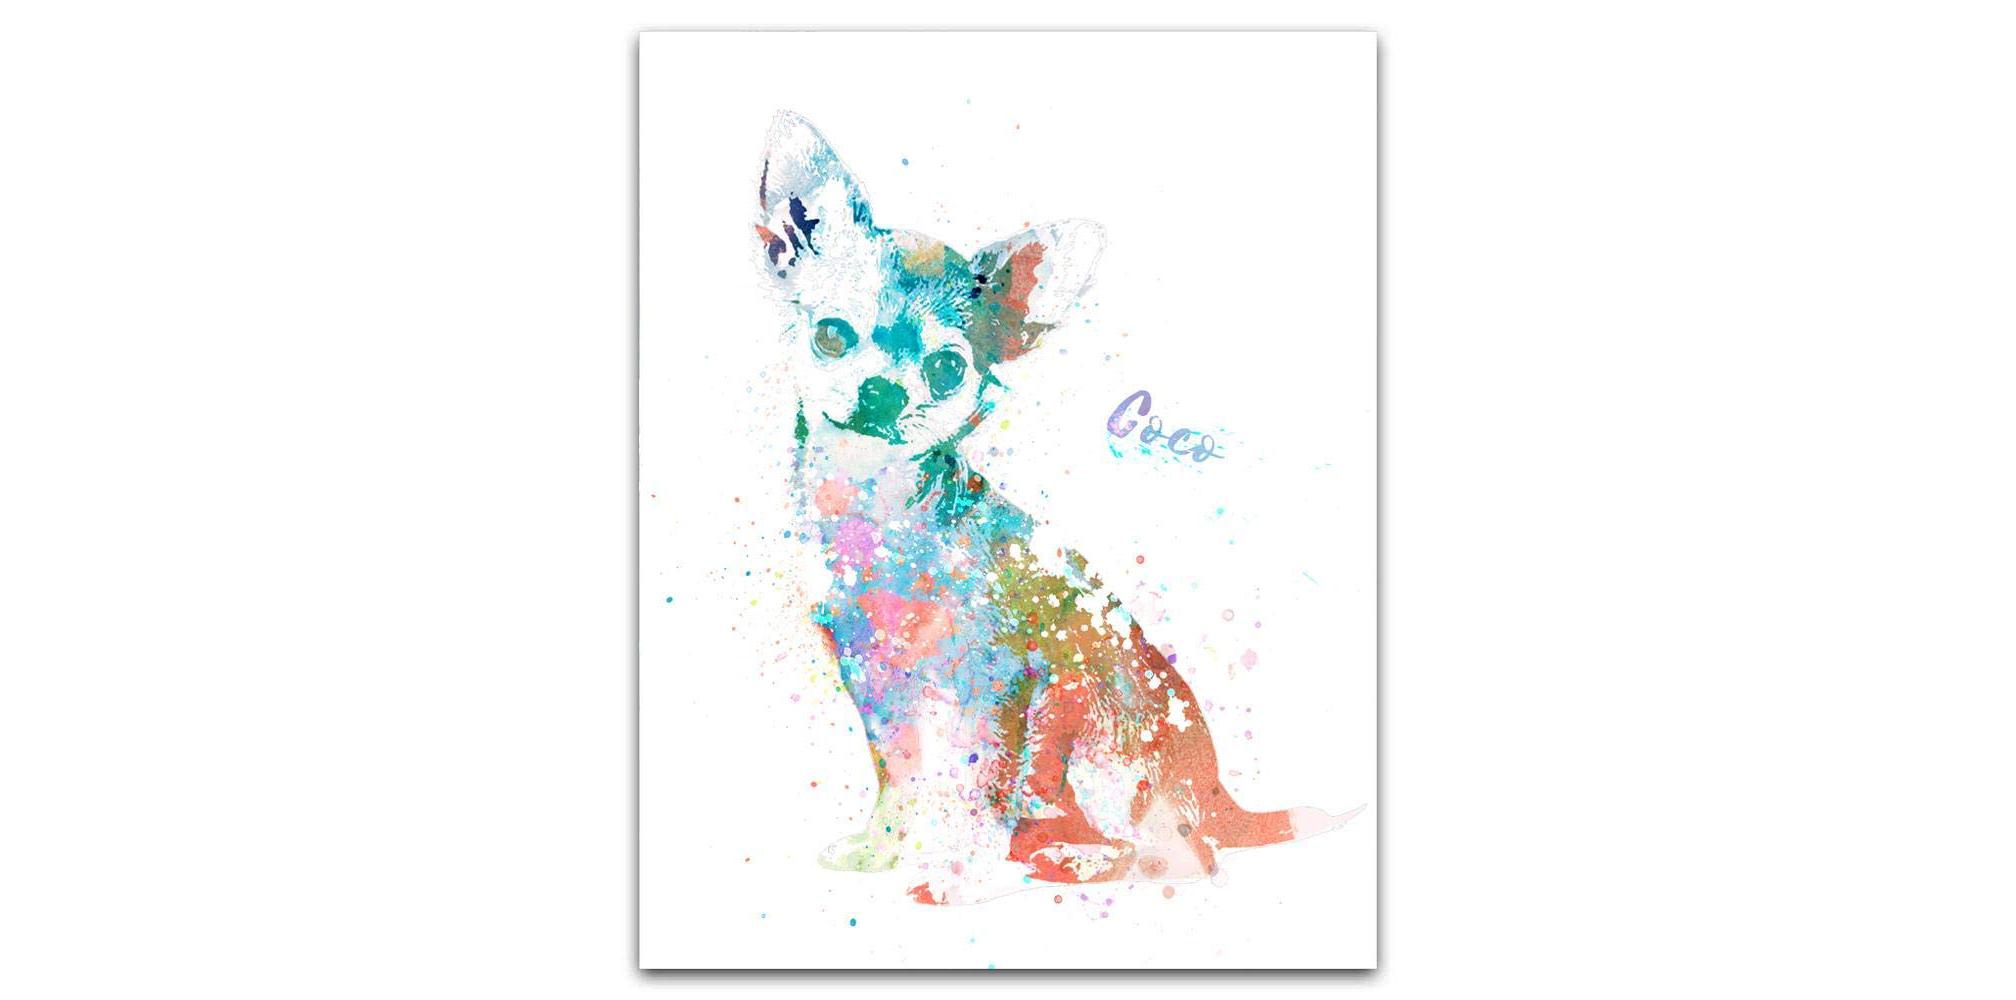 Chihuahua-Geschenke - 10 beste Geschenke für Chihuahua-Liebhaber